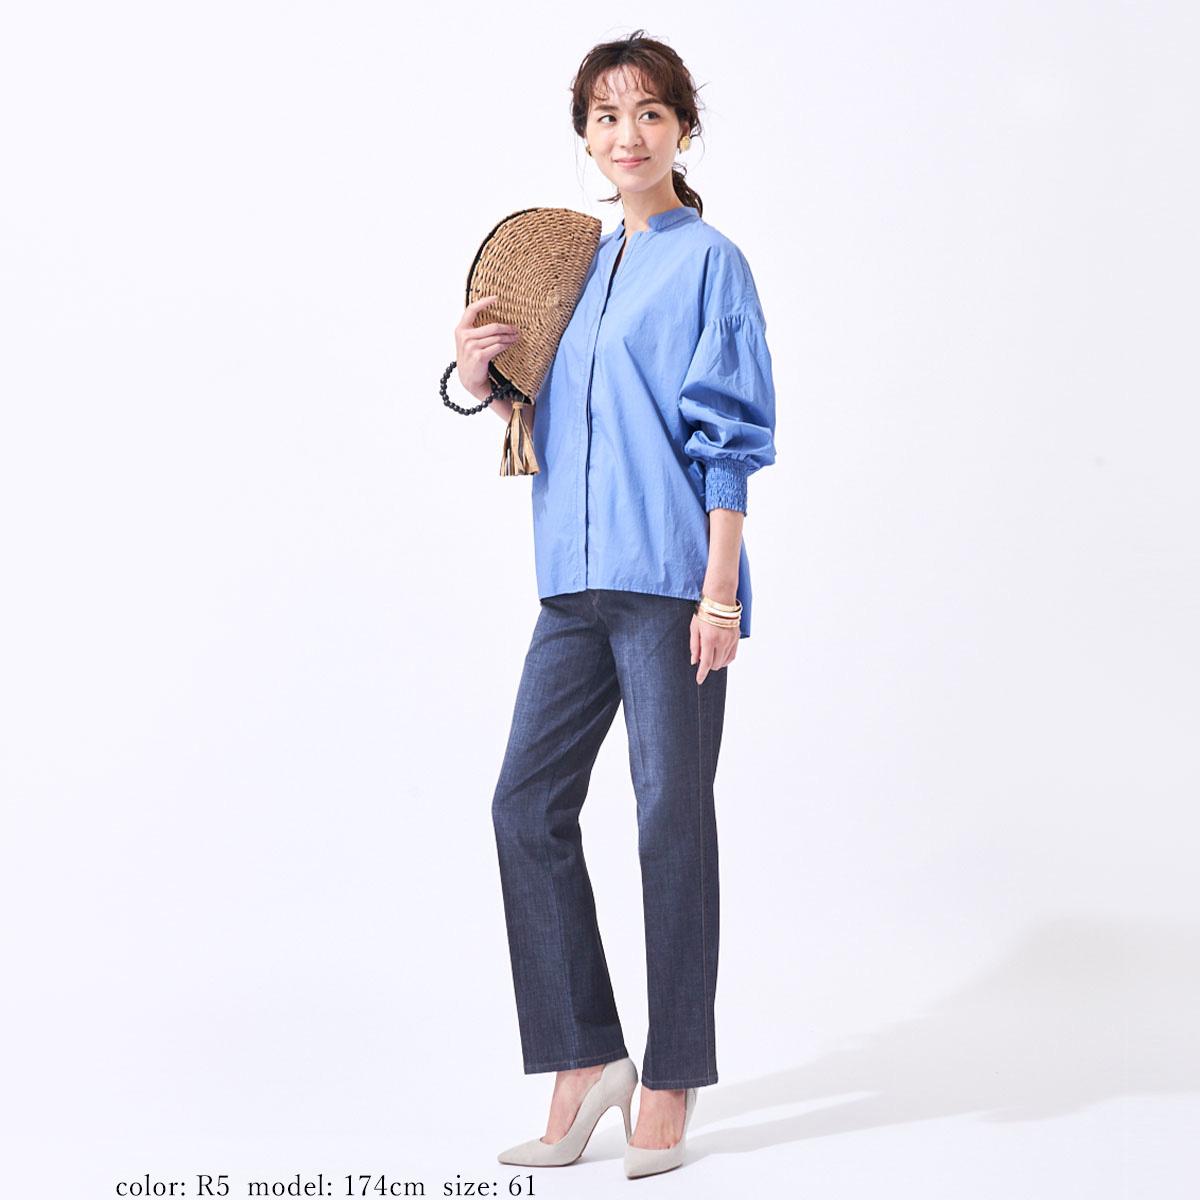 【SALE】Mrs.Jeana GOLD ■涼■サマーディナーストレート GM3992